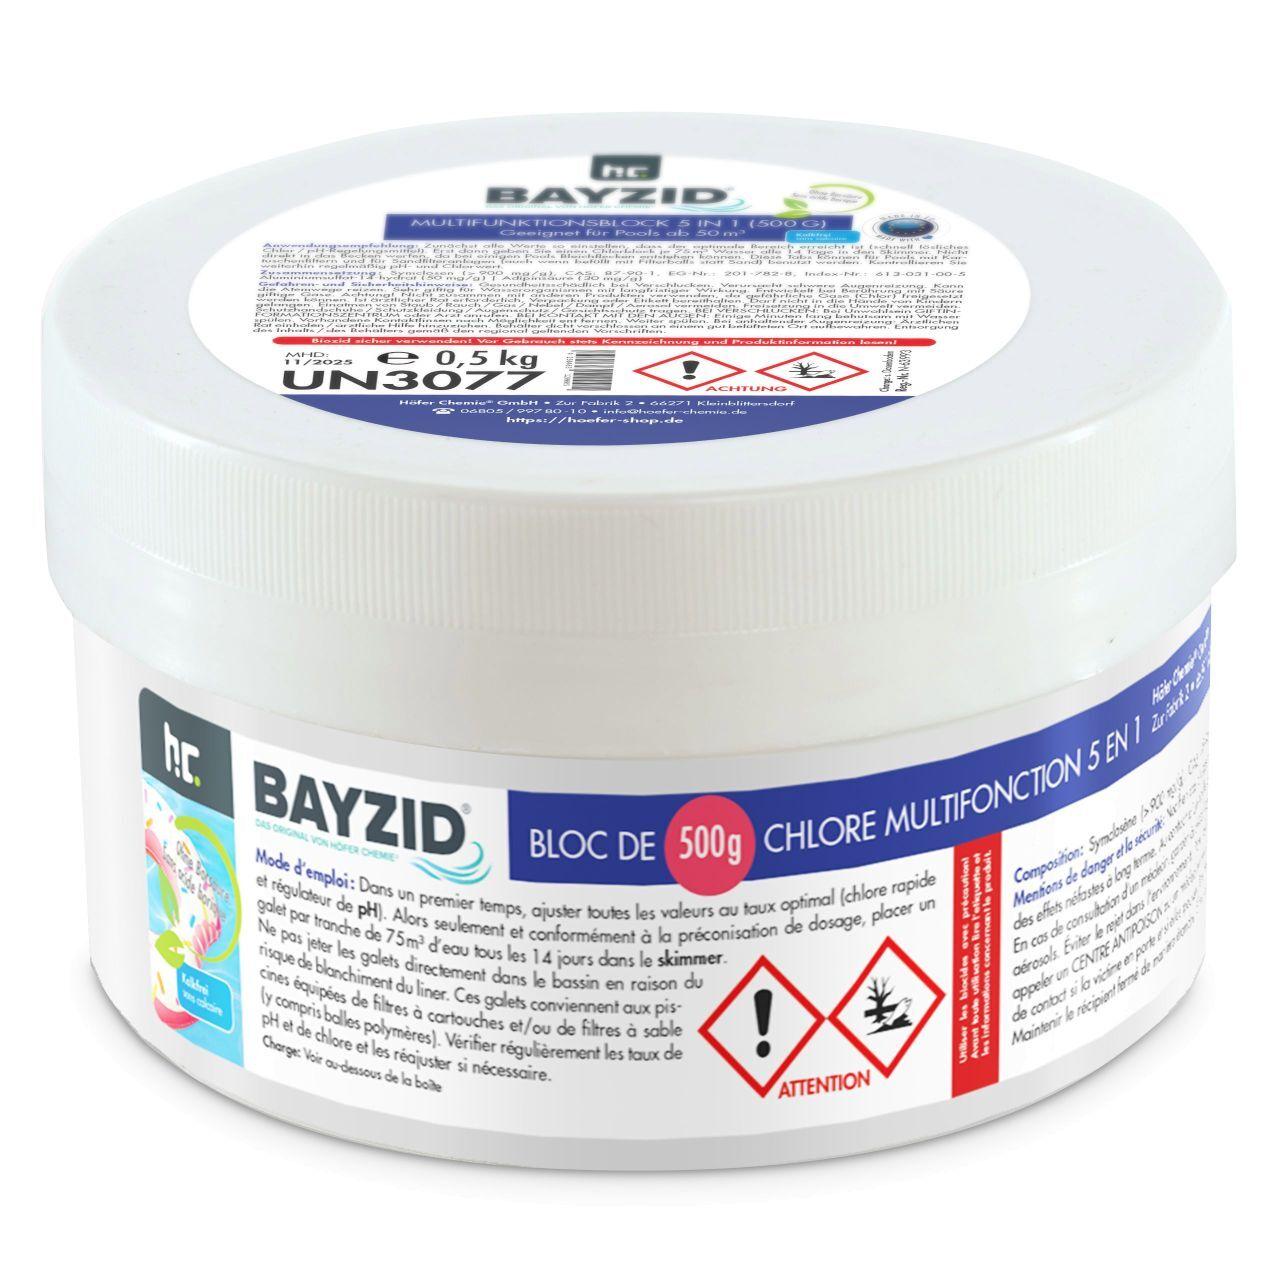 BAYZID 2 kg Bayzid® Chlore multifonction, bloc de 500g (4 x 0.5 kg)